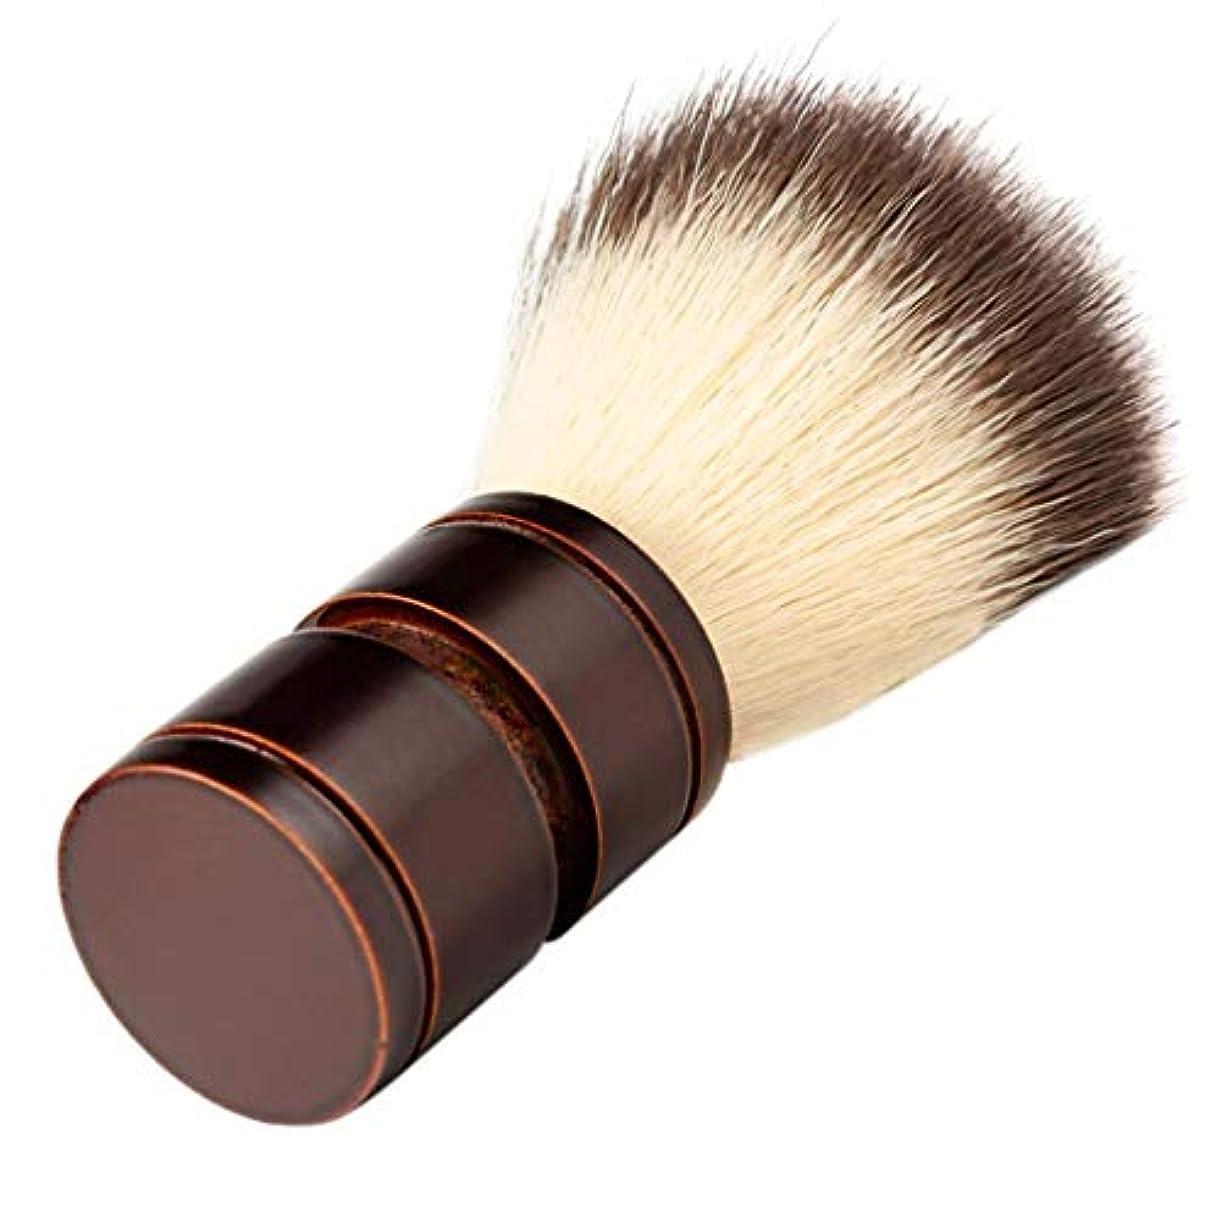 相互接続レーザリズムひげブラシ シェービングブラシ ひげ剃り 柔らかい 髭剃り 泡立ち 理容 美容ツール